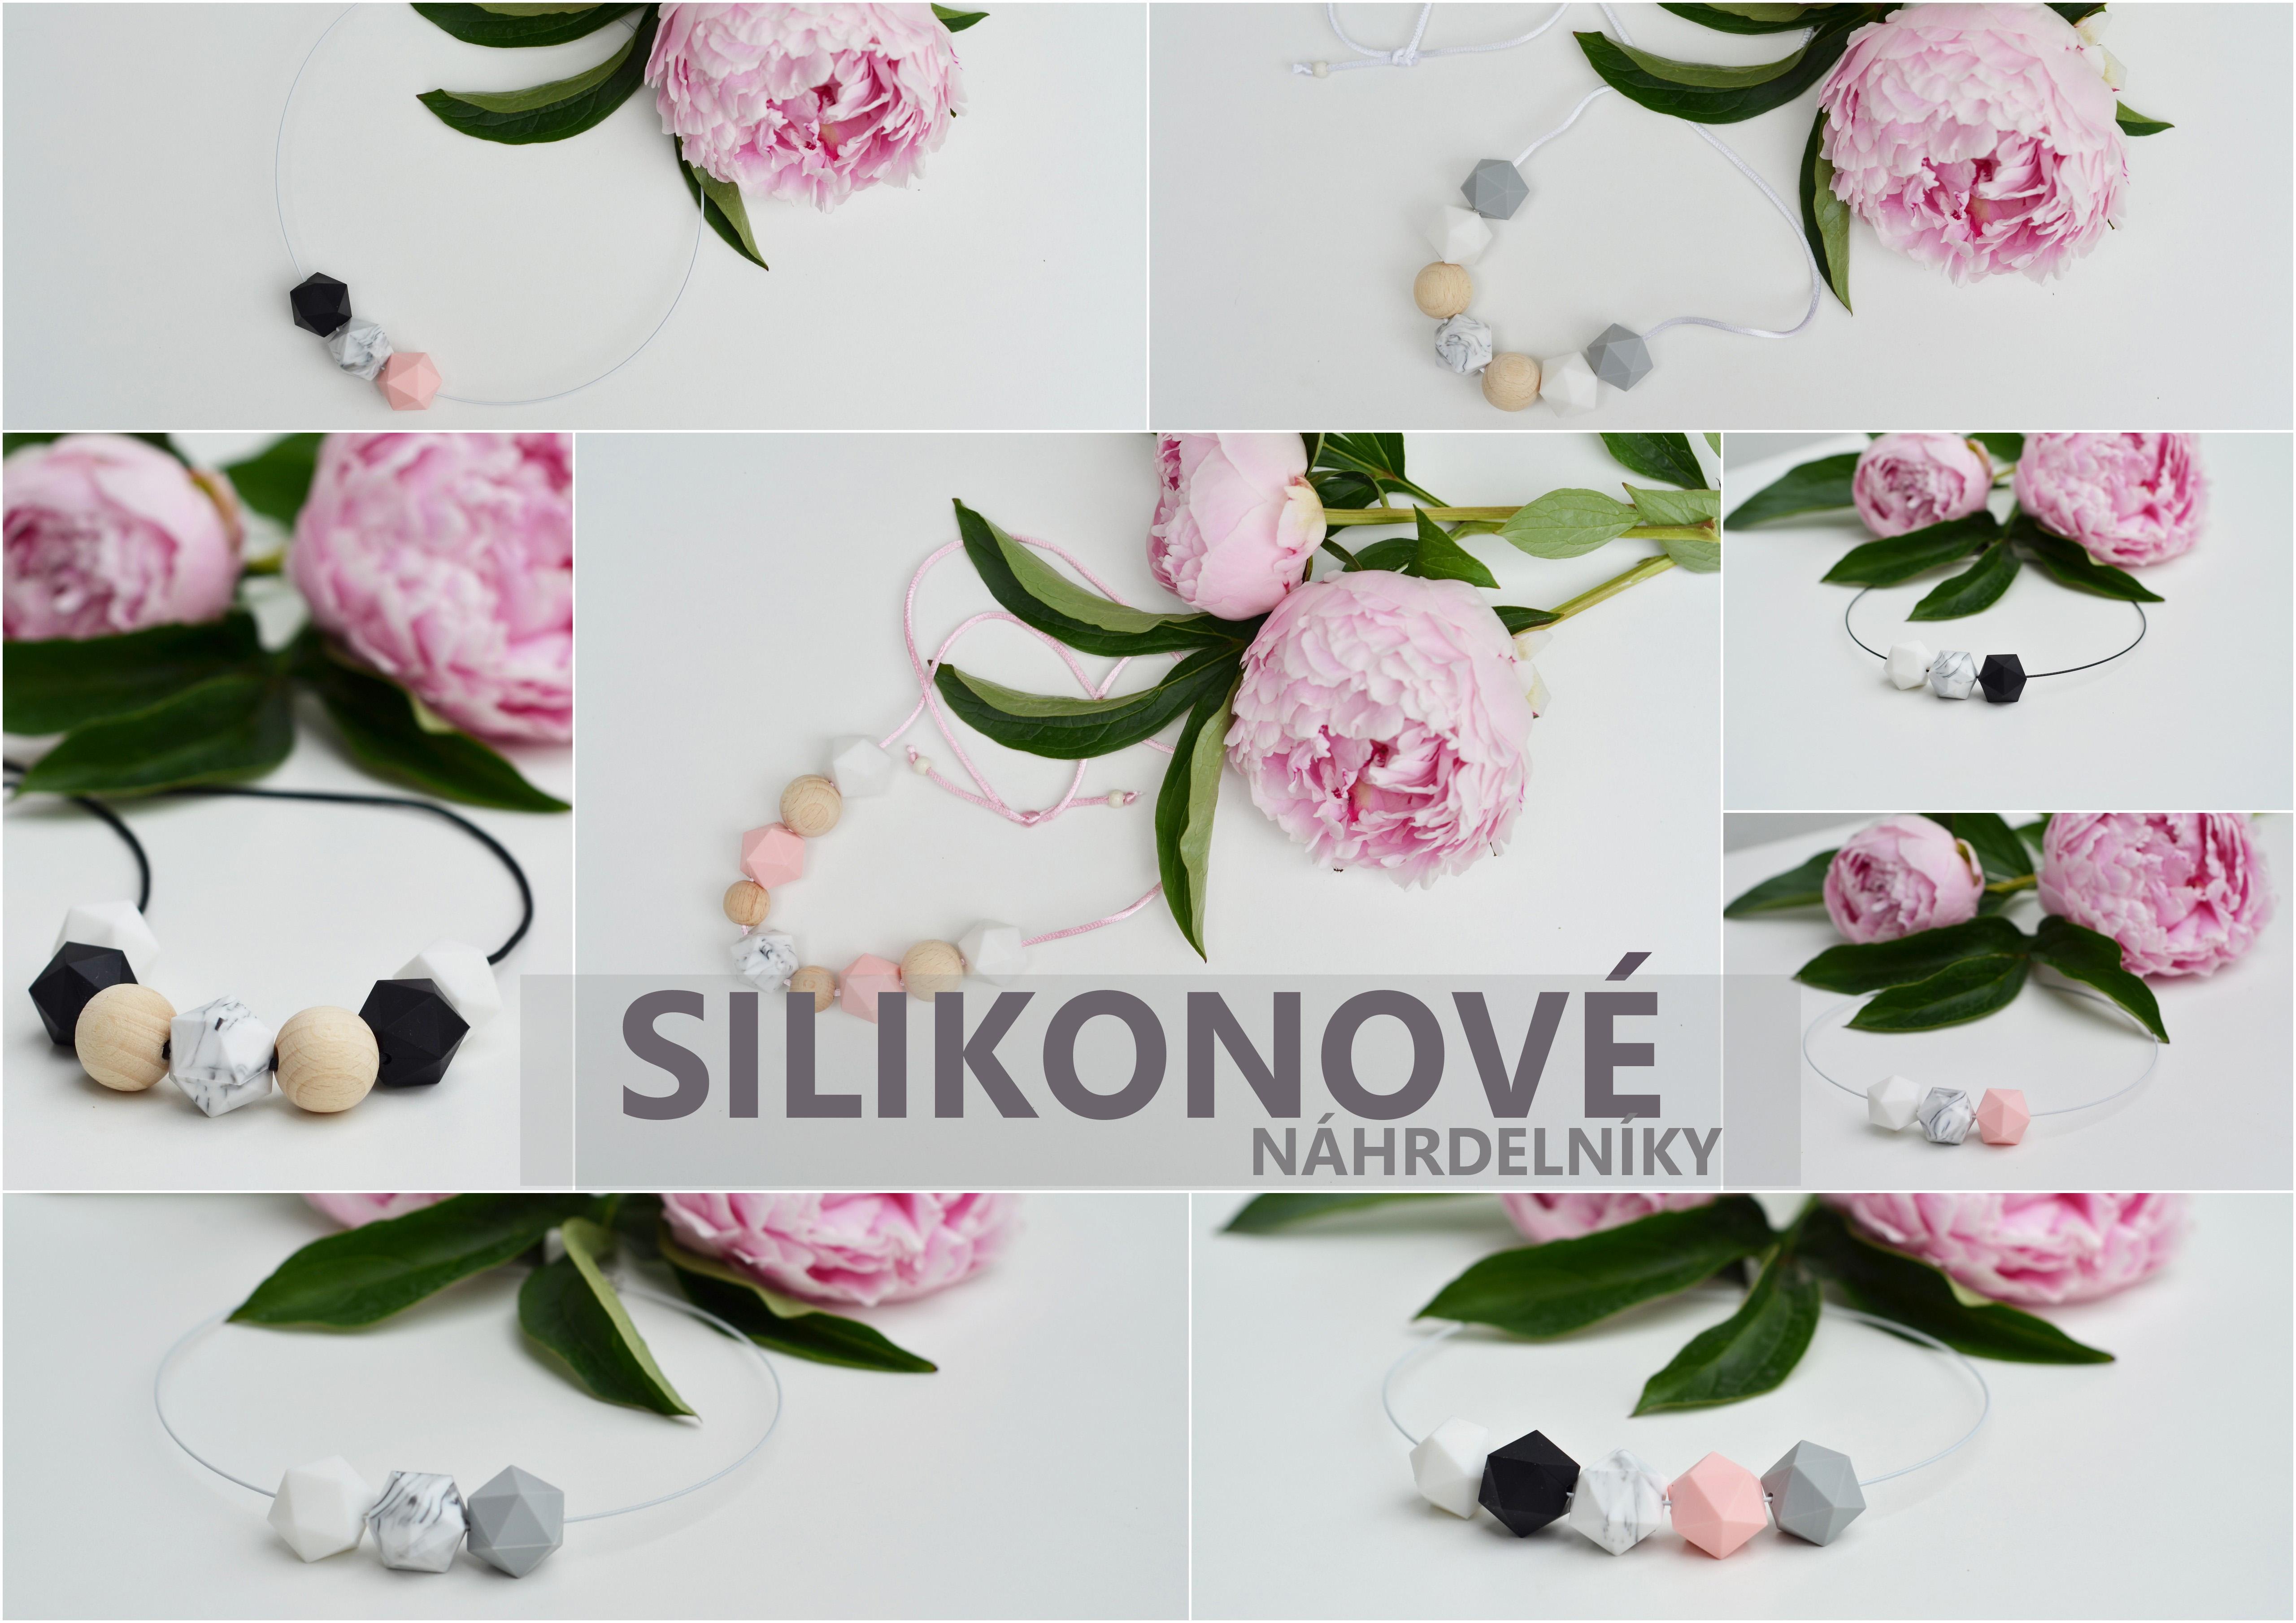 Silikonové náhrdelníky